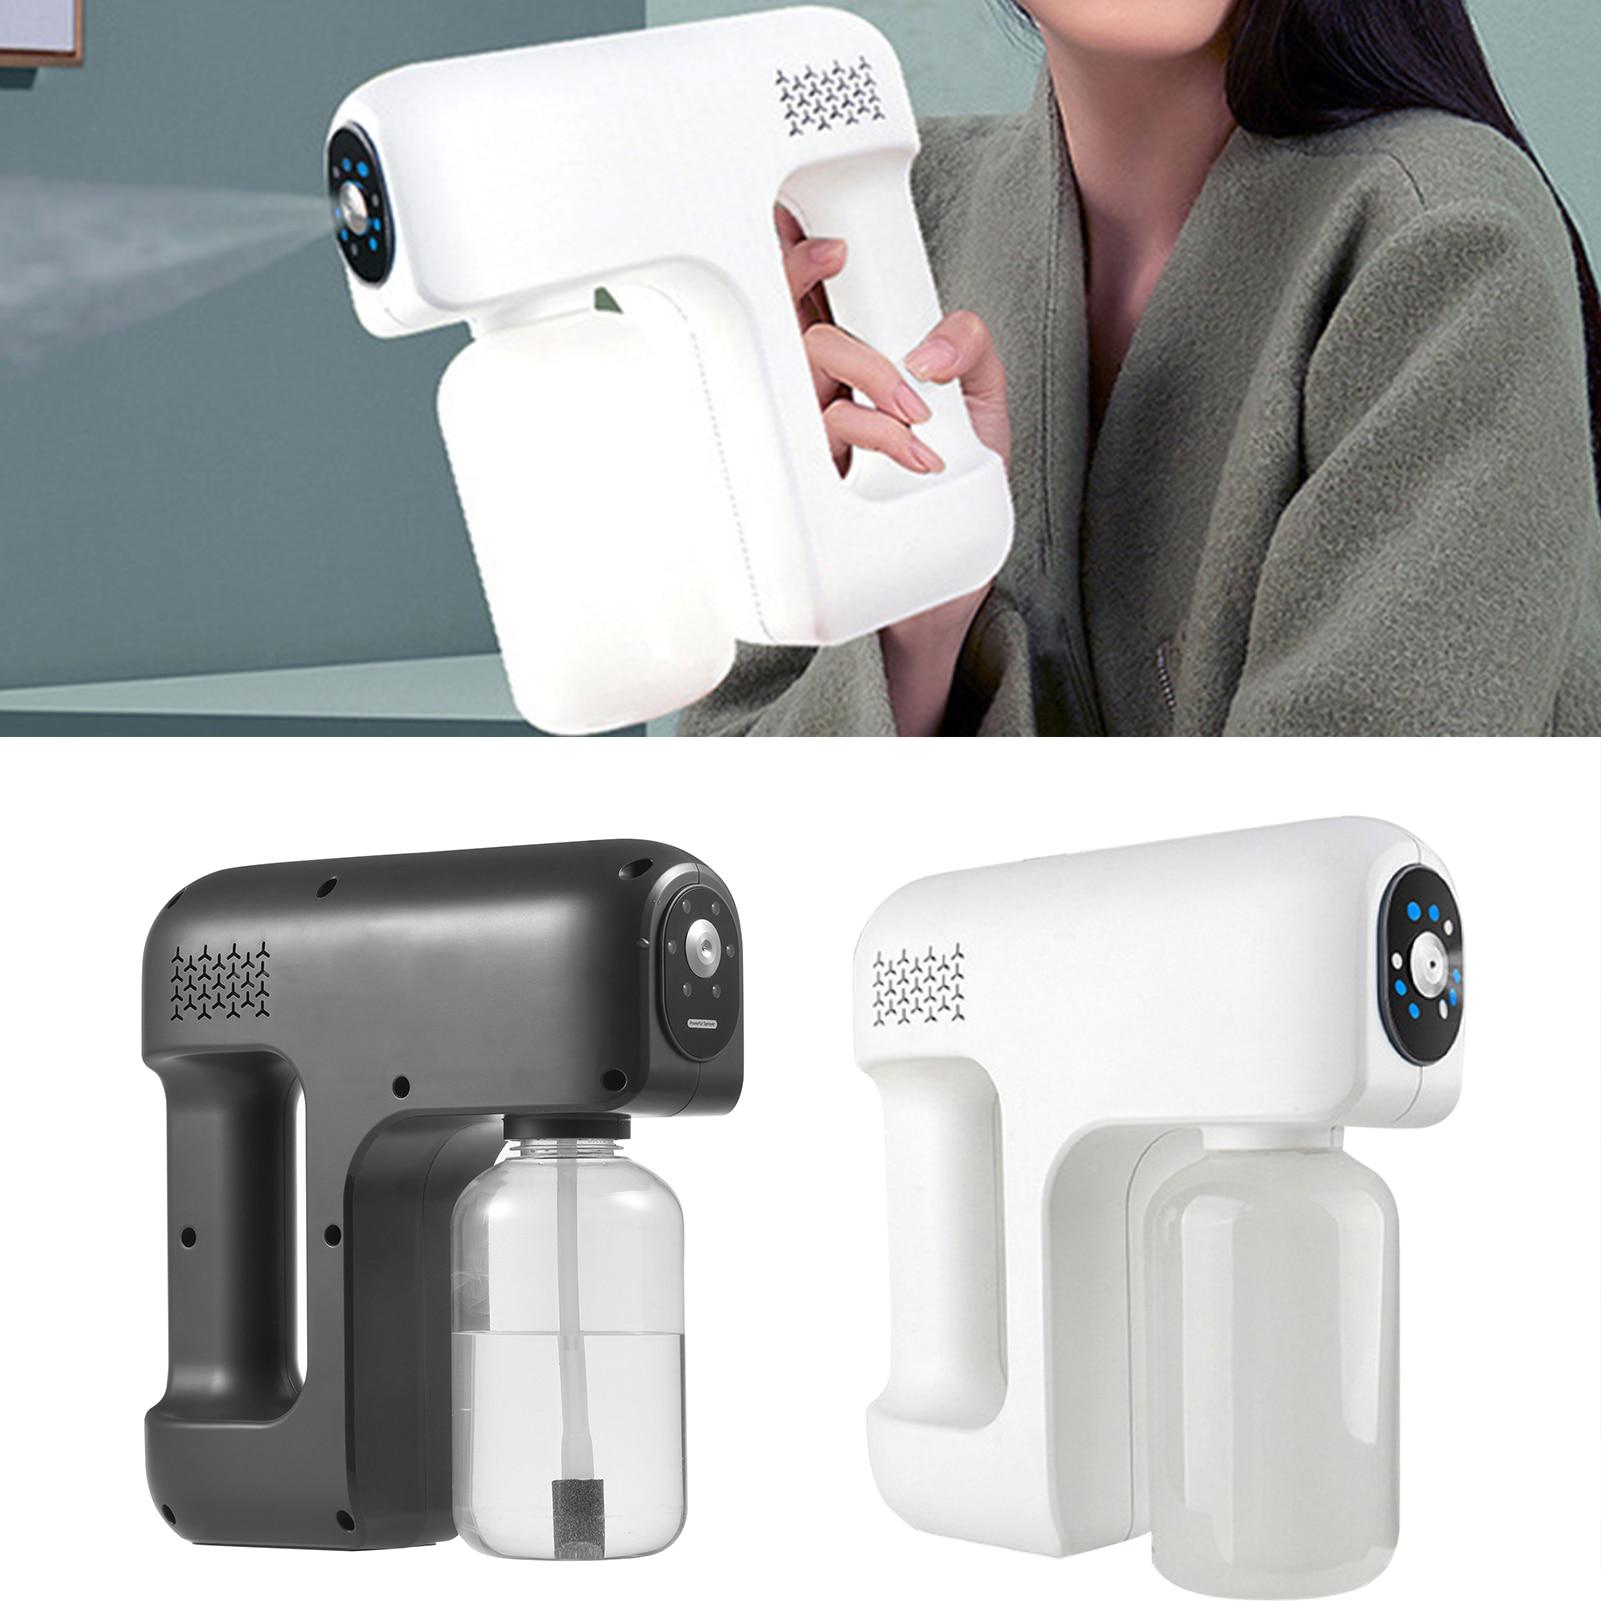 Nano Mist Santitizer Machine Usb Wireless Hand Held Atomizer Disinfection Gun Cordless Electric Office Garden Portable Sprayer